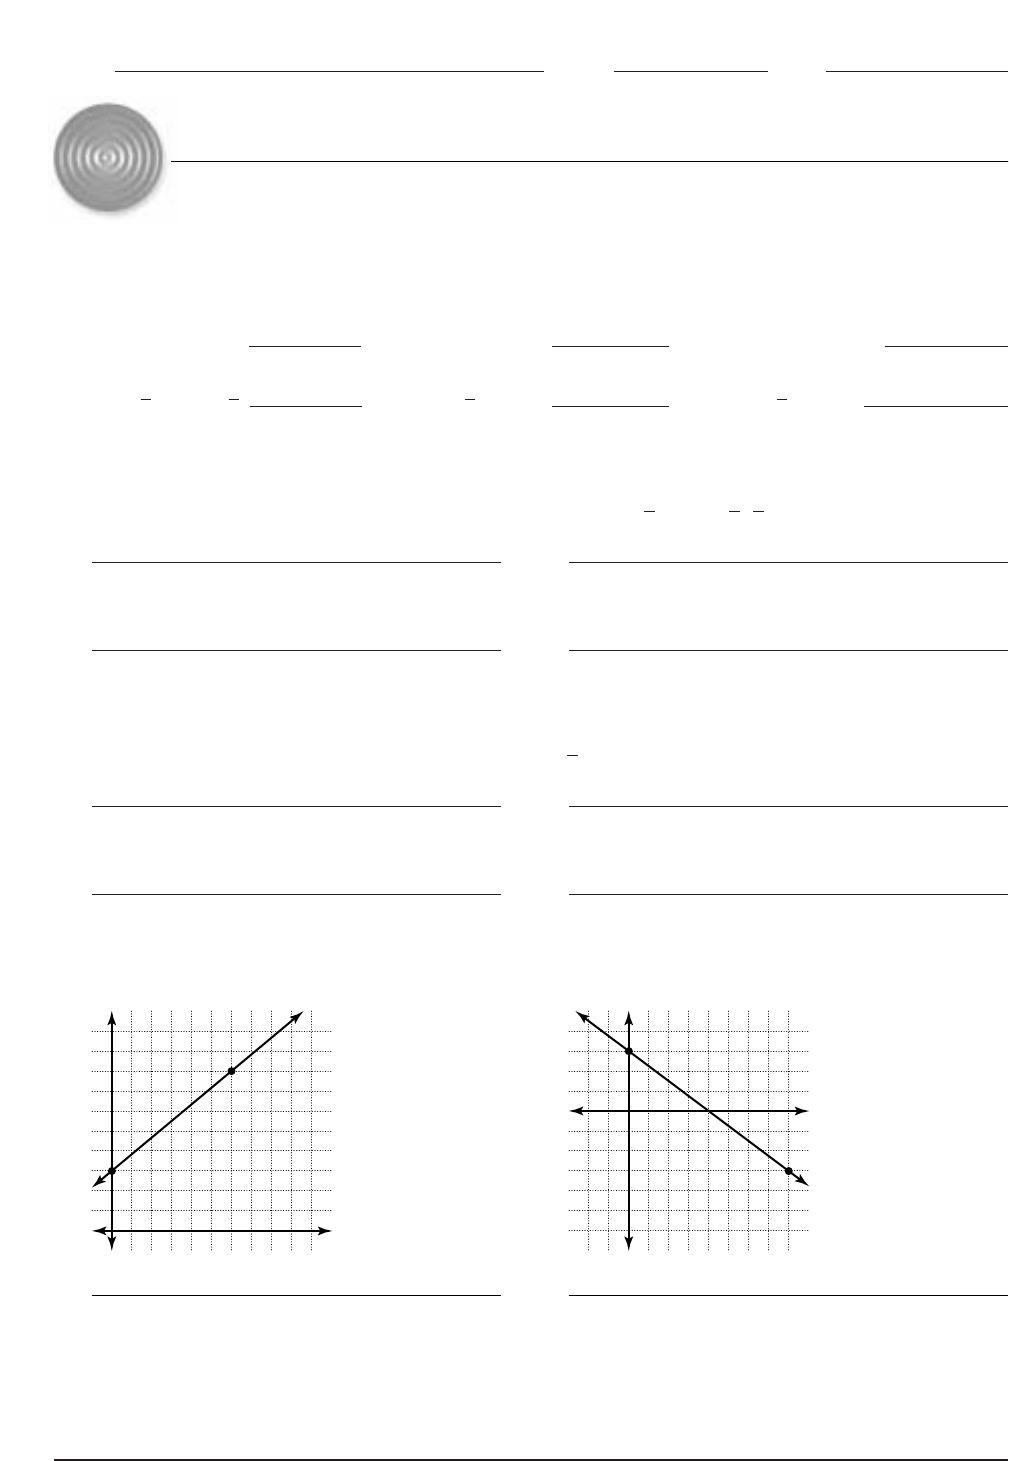 Algebra 2 Workbook Pdf